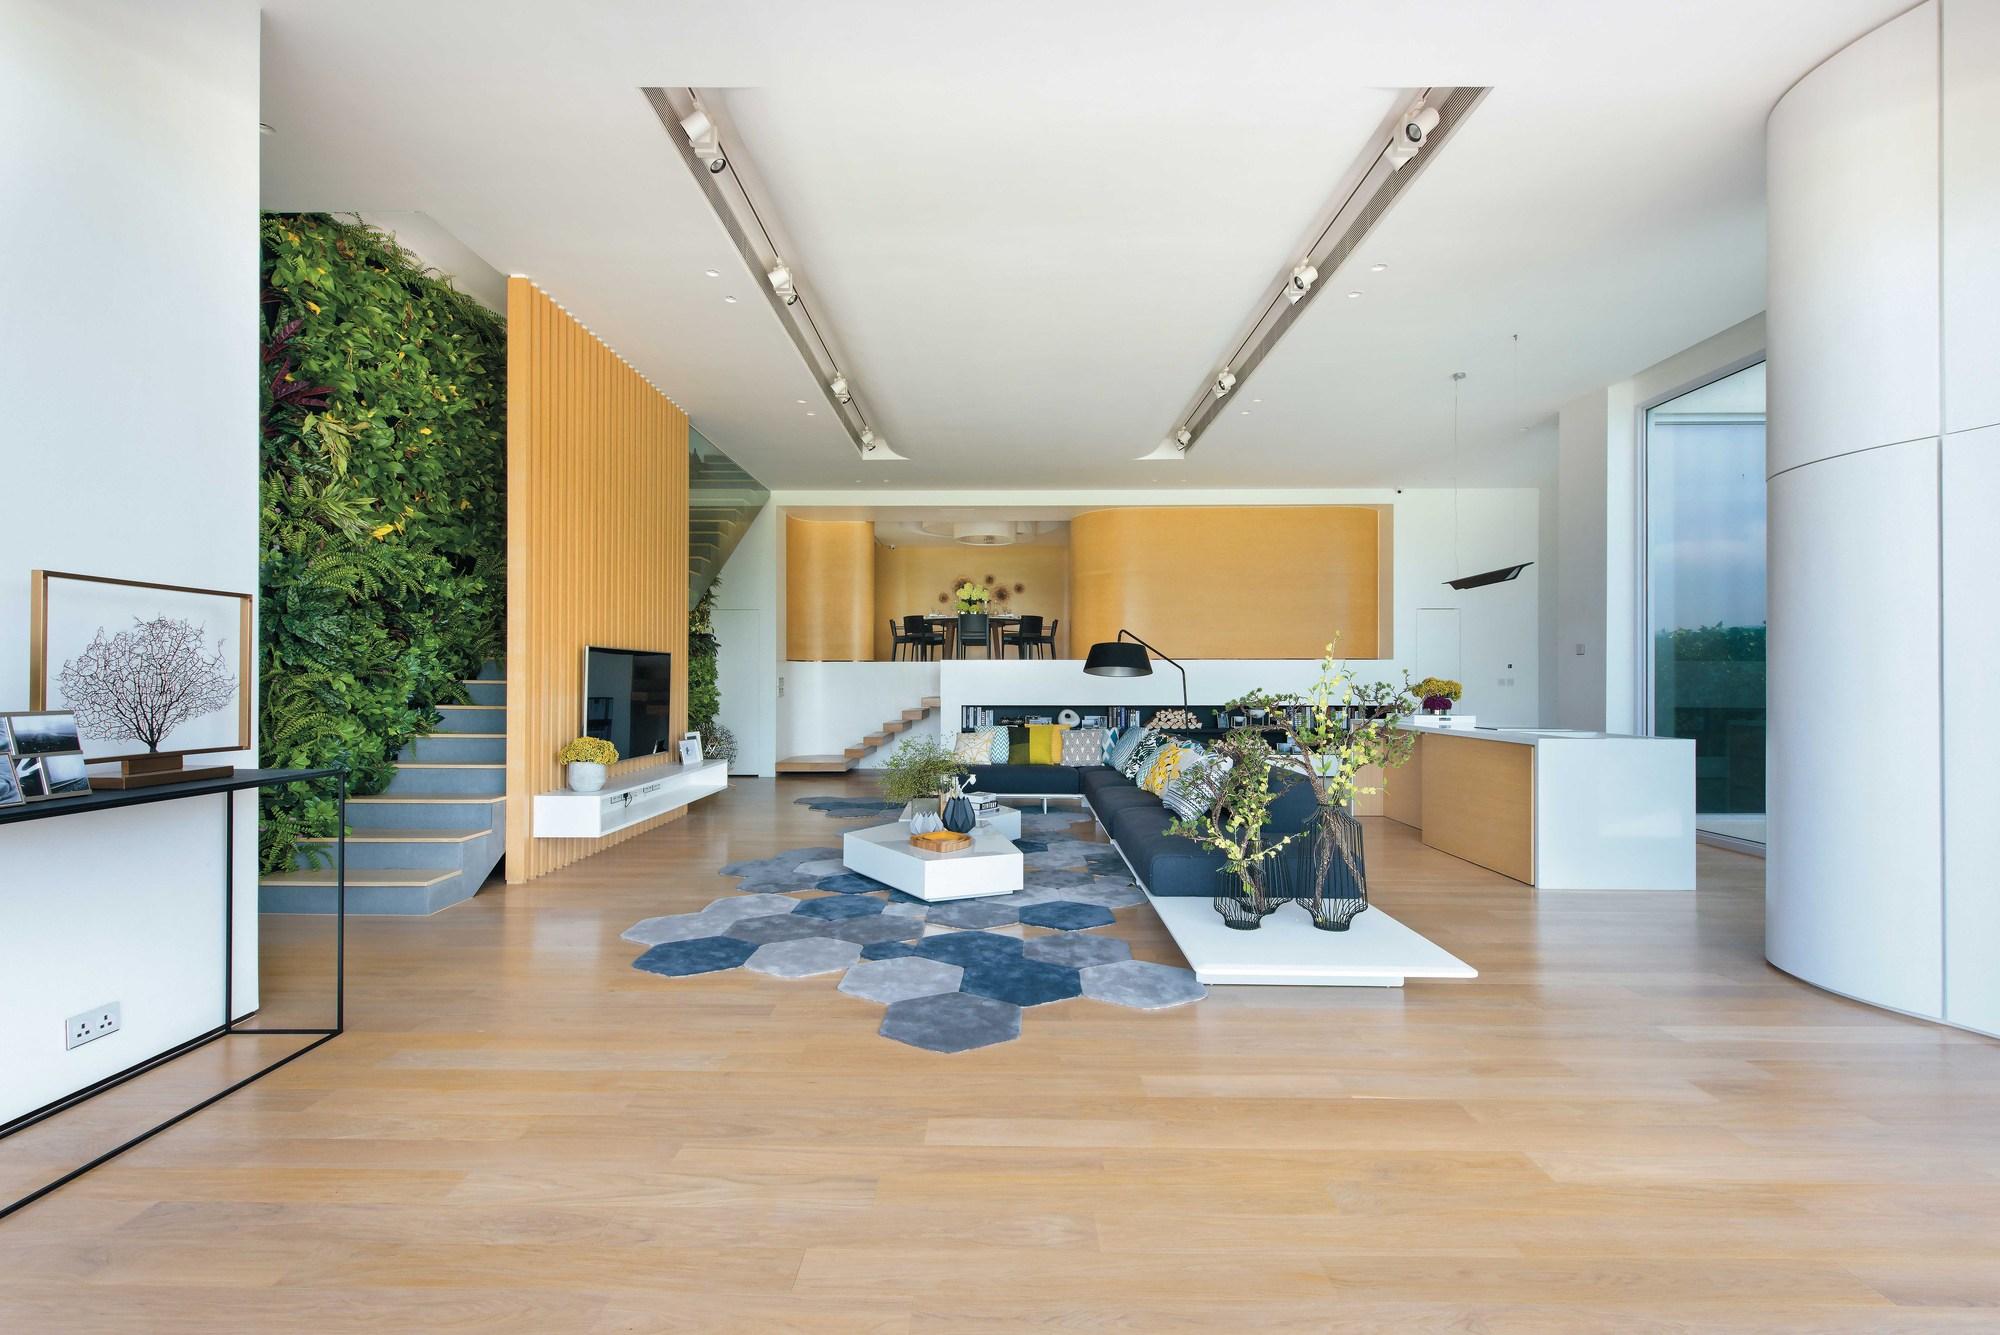 Millimeter Interior Design